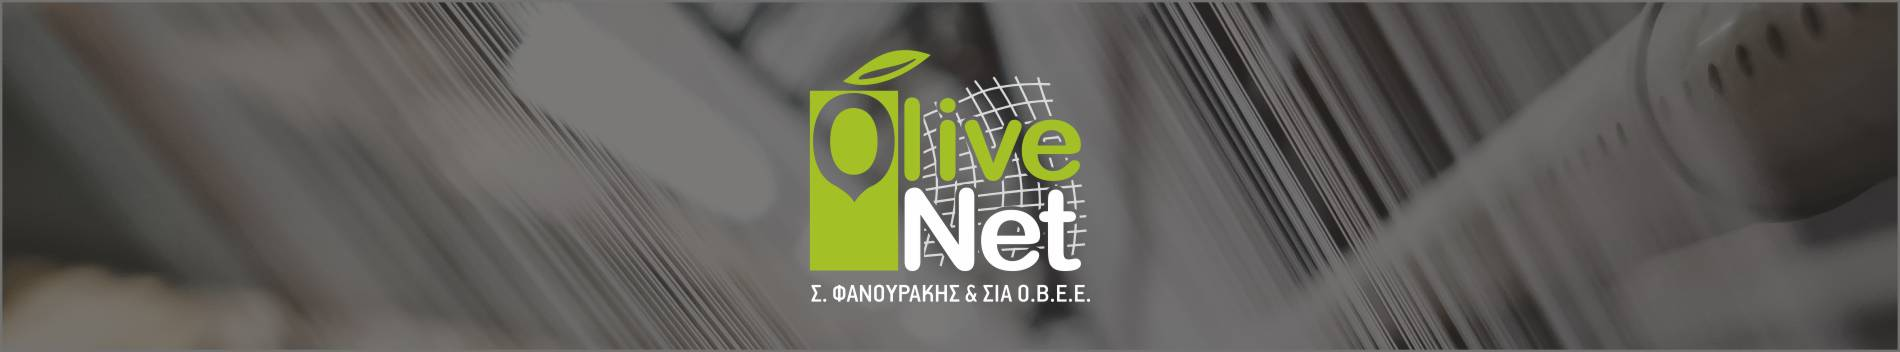 Olivenet Φανουράκης & Σια Οβεε